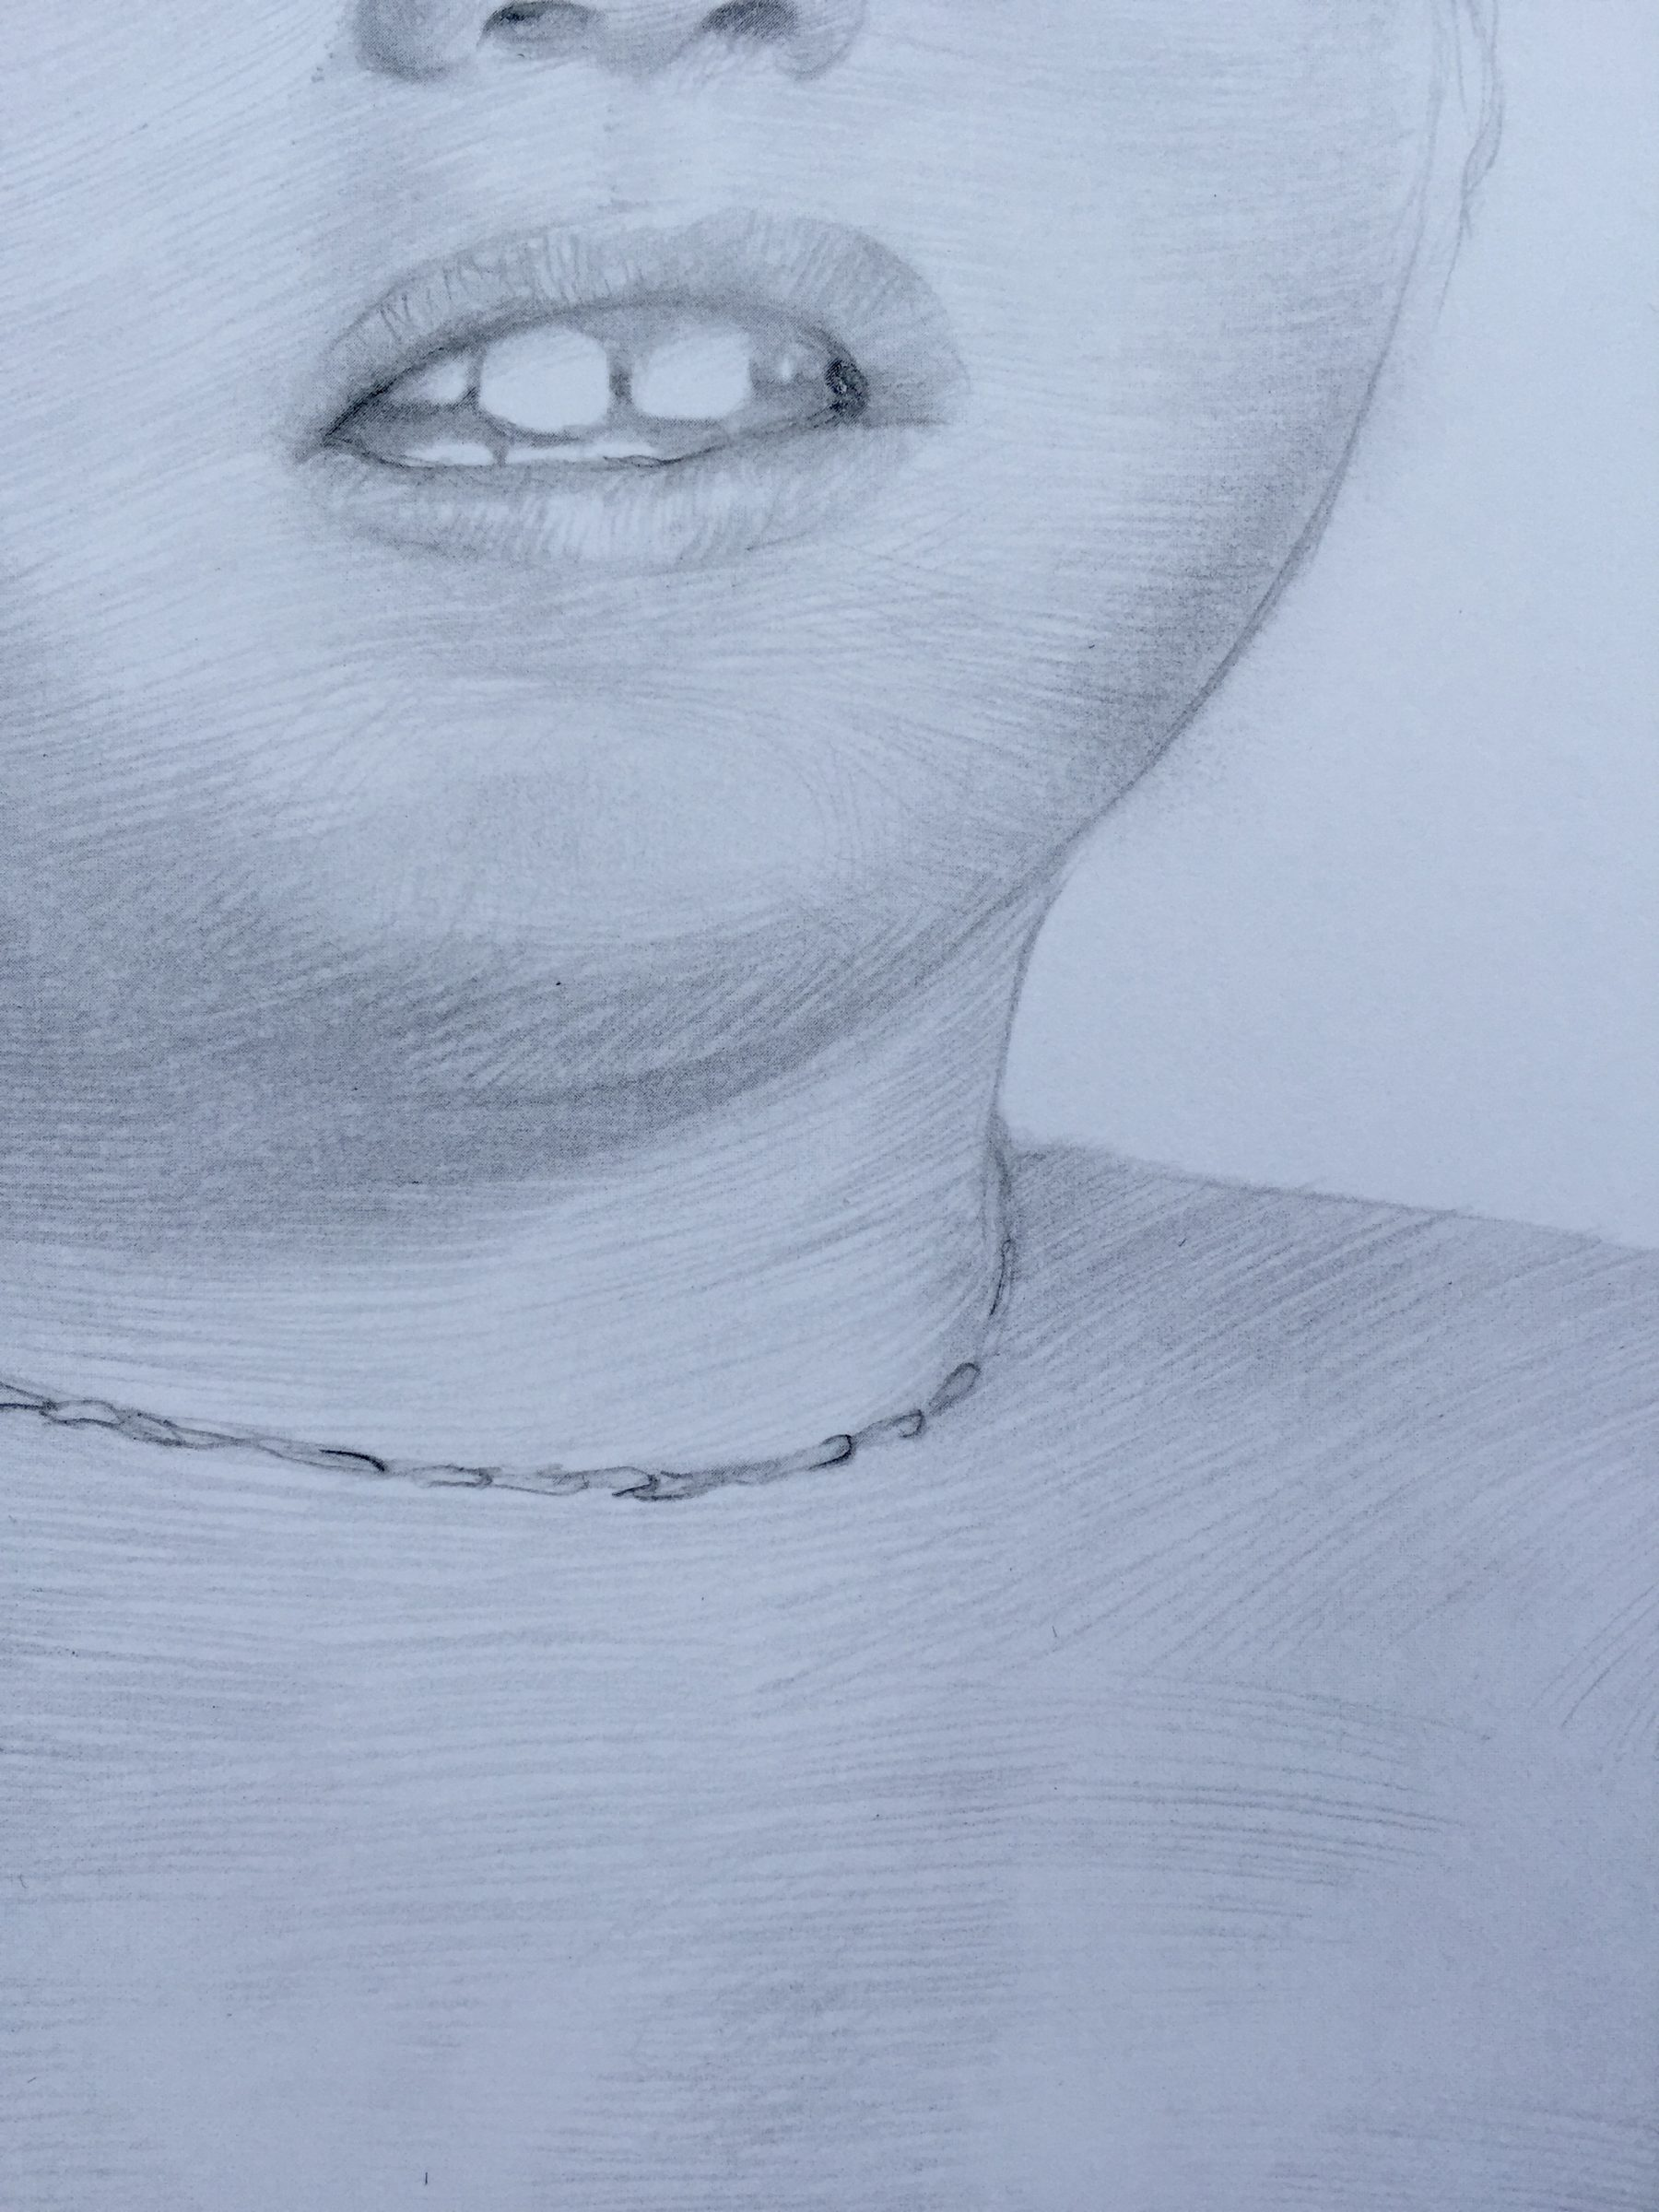 retratos-por-encargo-39-detalle-e1488877990305